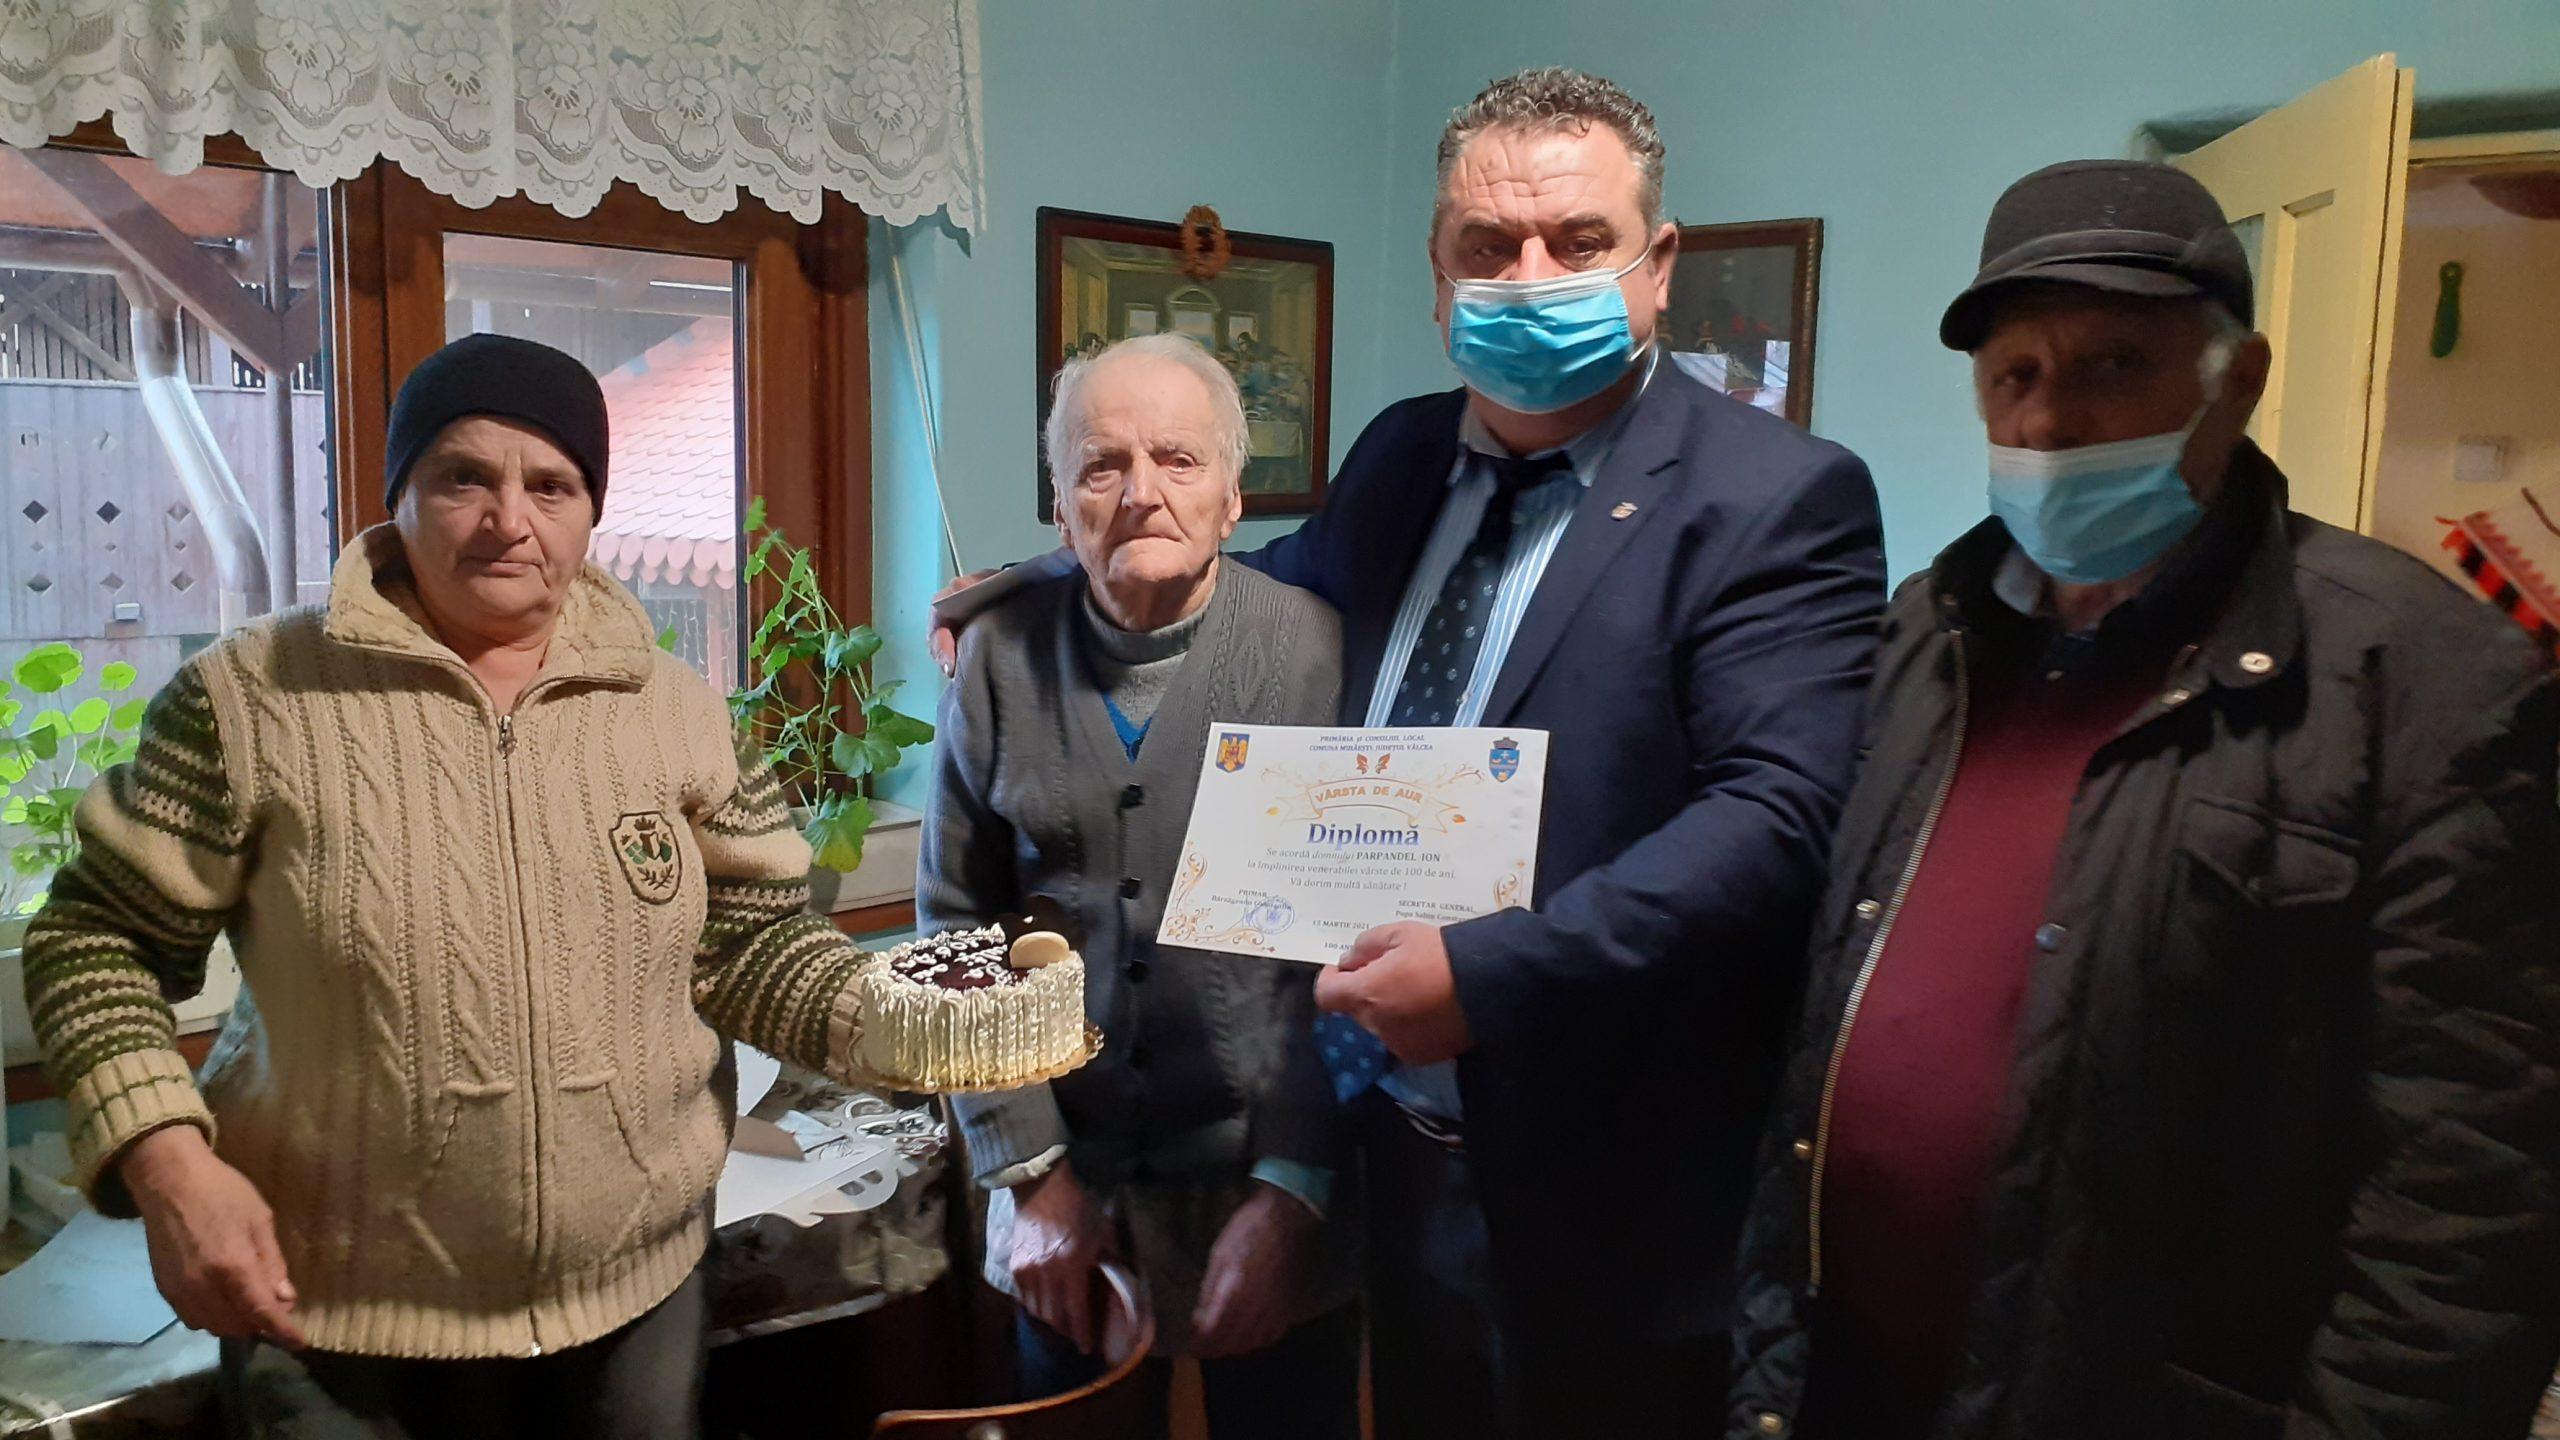 Veteran de război din Mihăeşti, sărbătorit la a 100-a aniversare